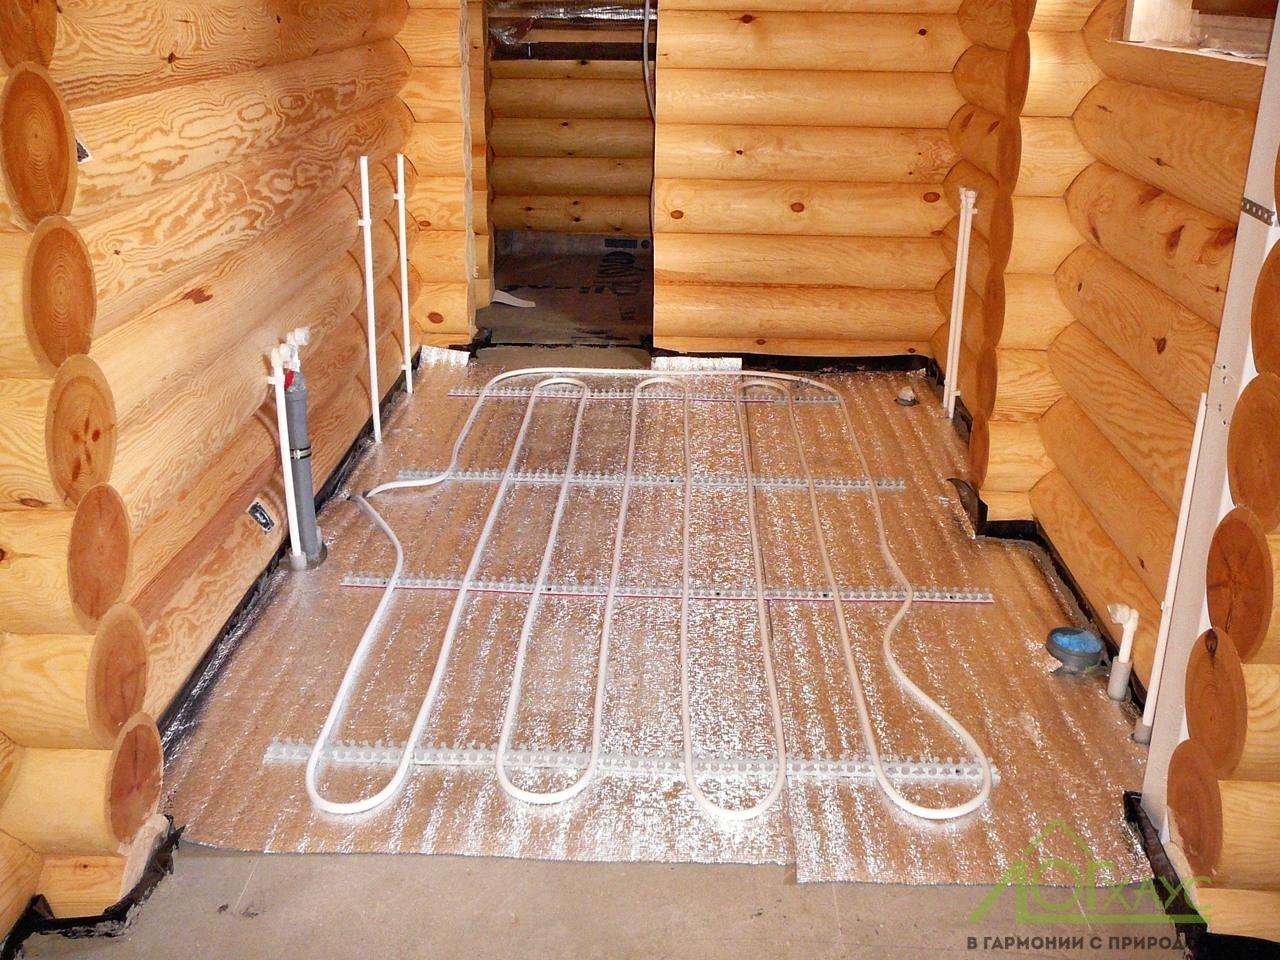 Монтаж теплого пола в загородном доме из бревна